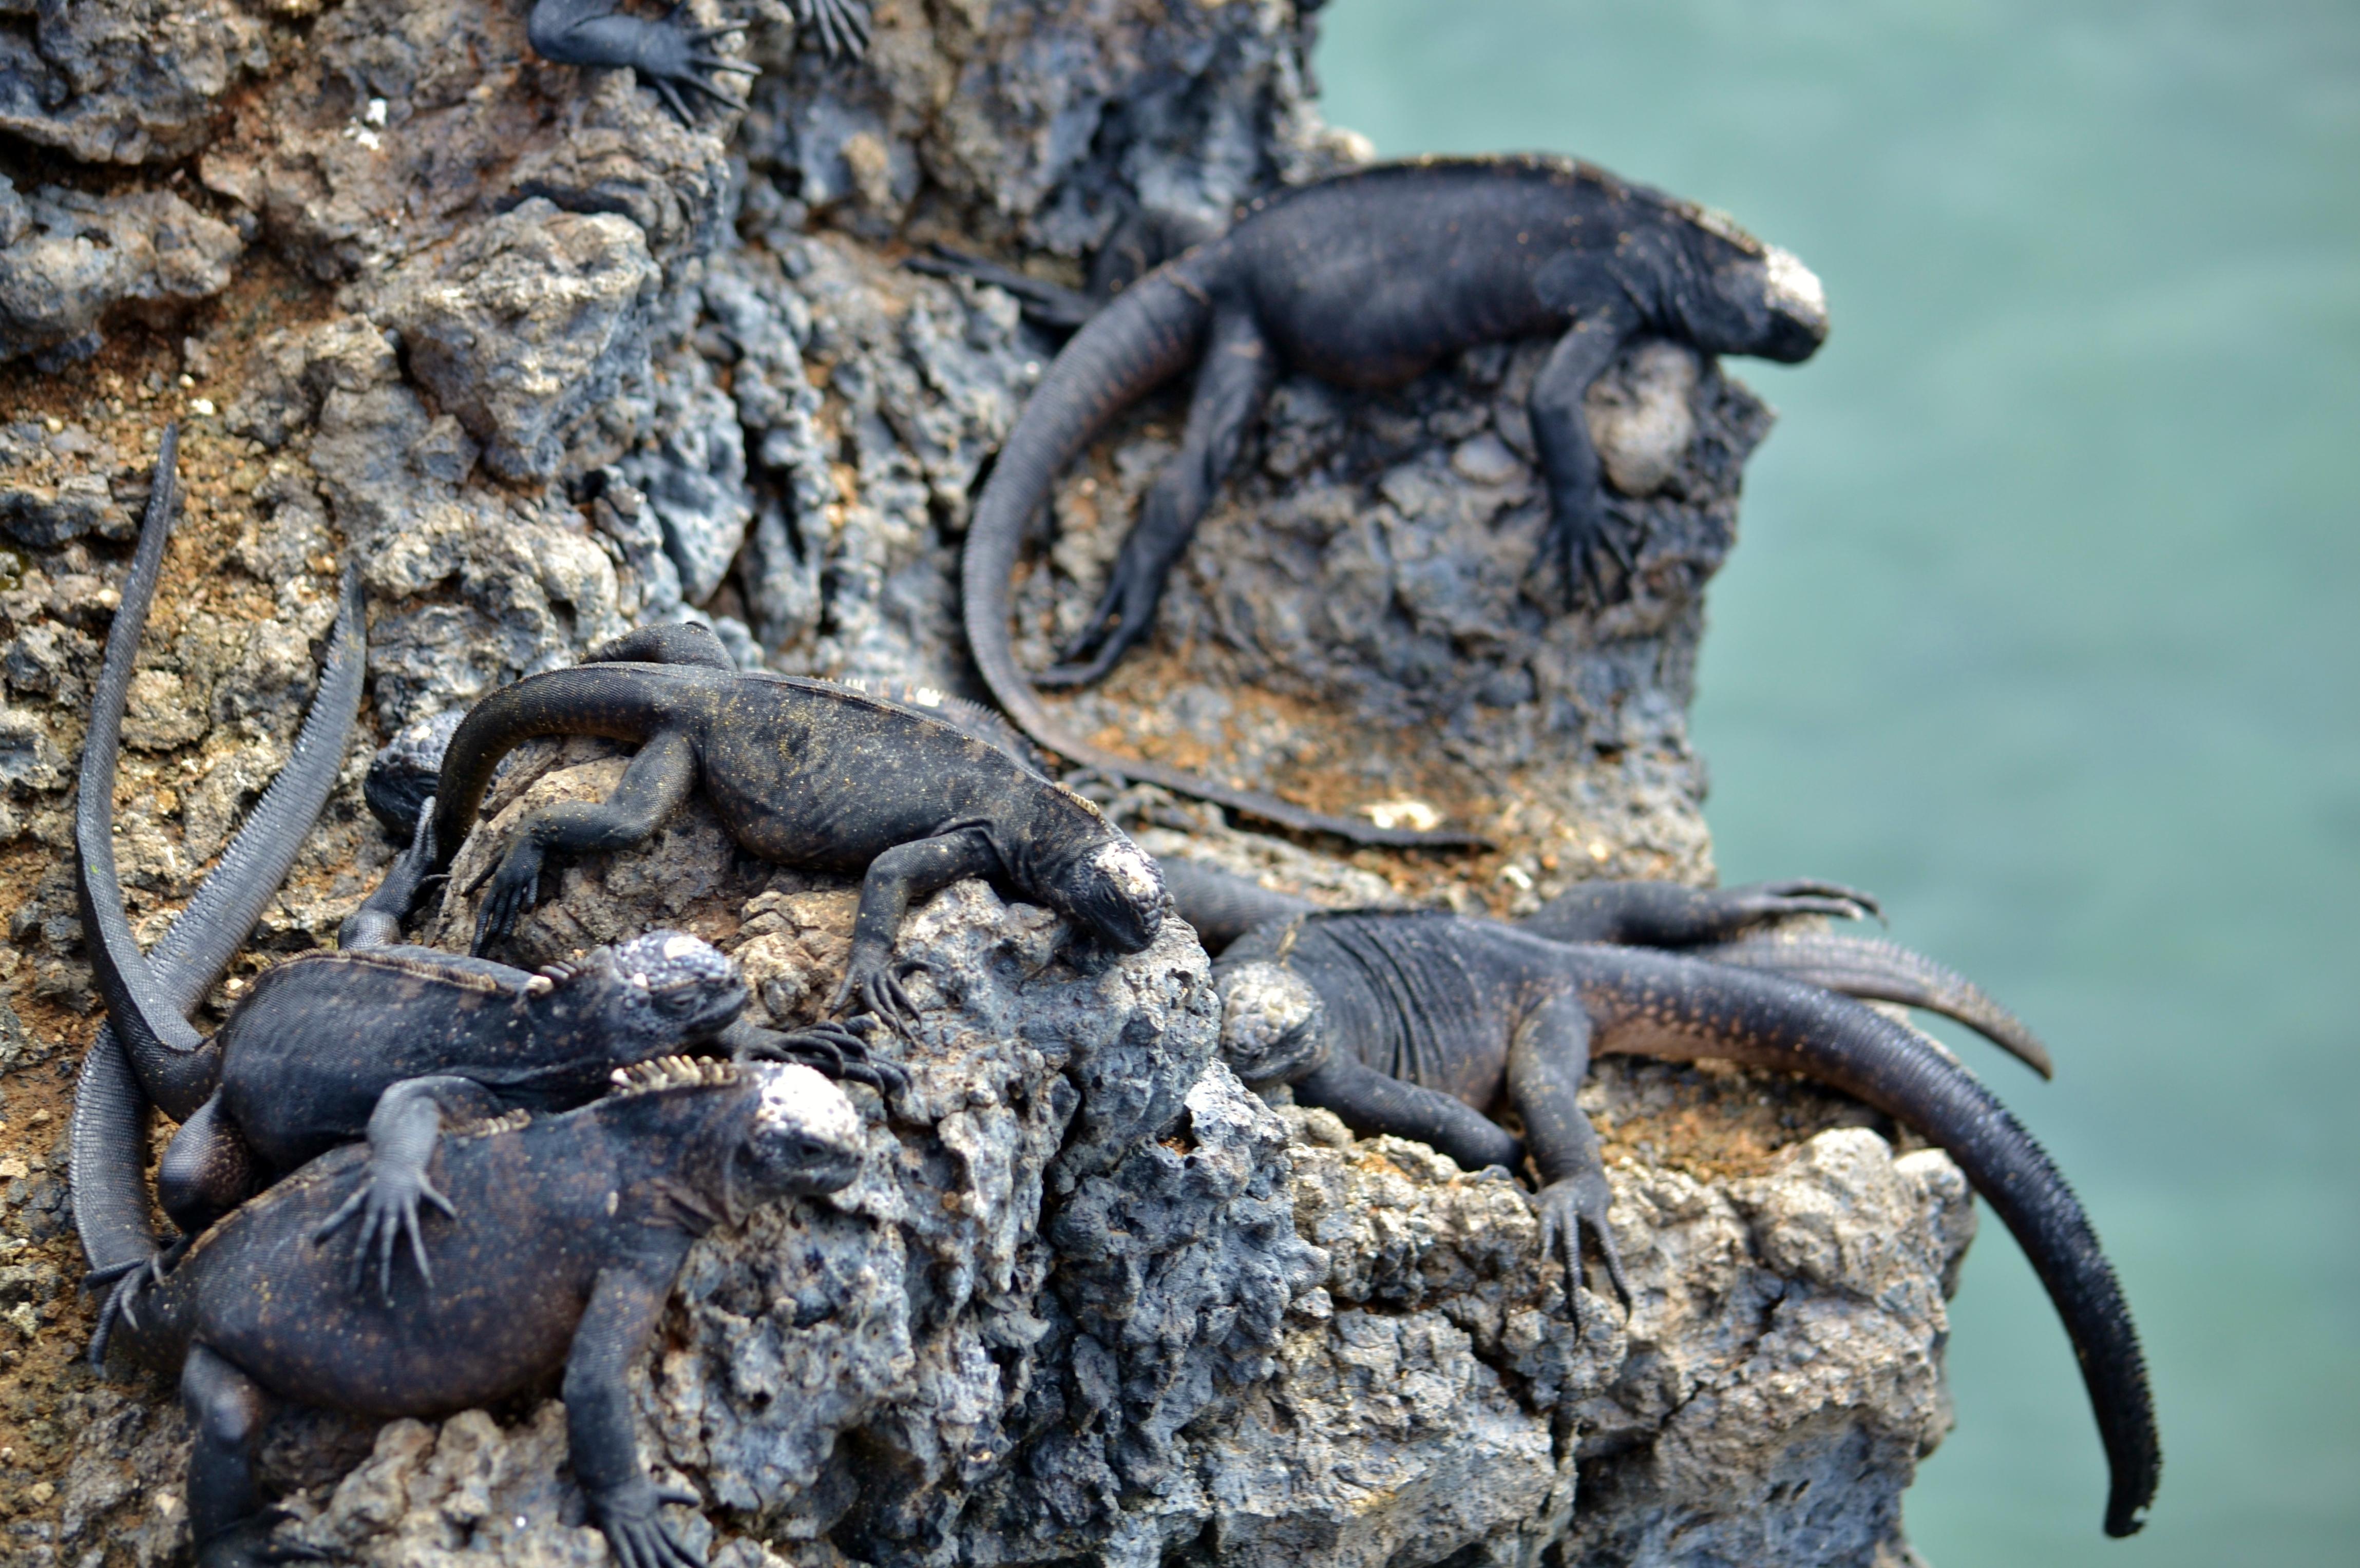 Islas de Galapagos baby iguanas